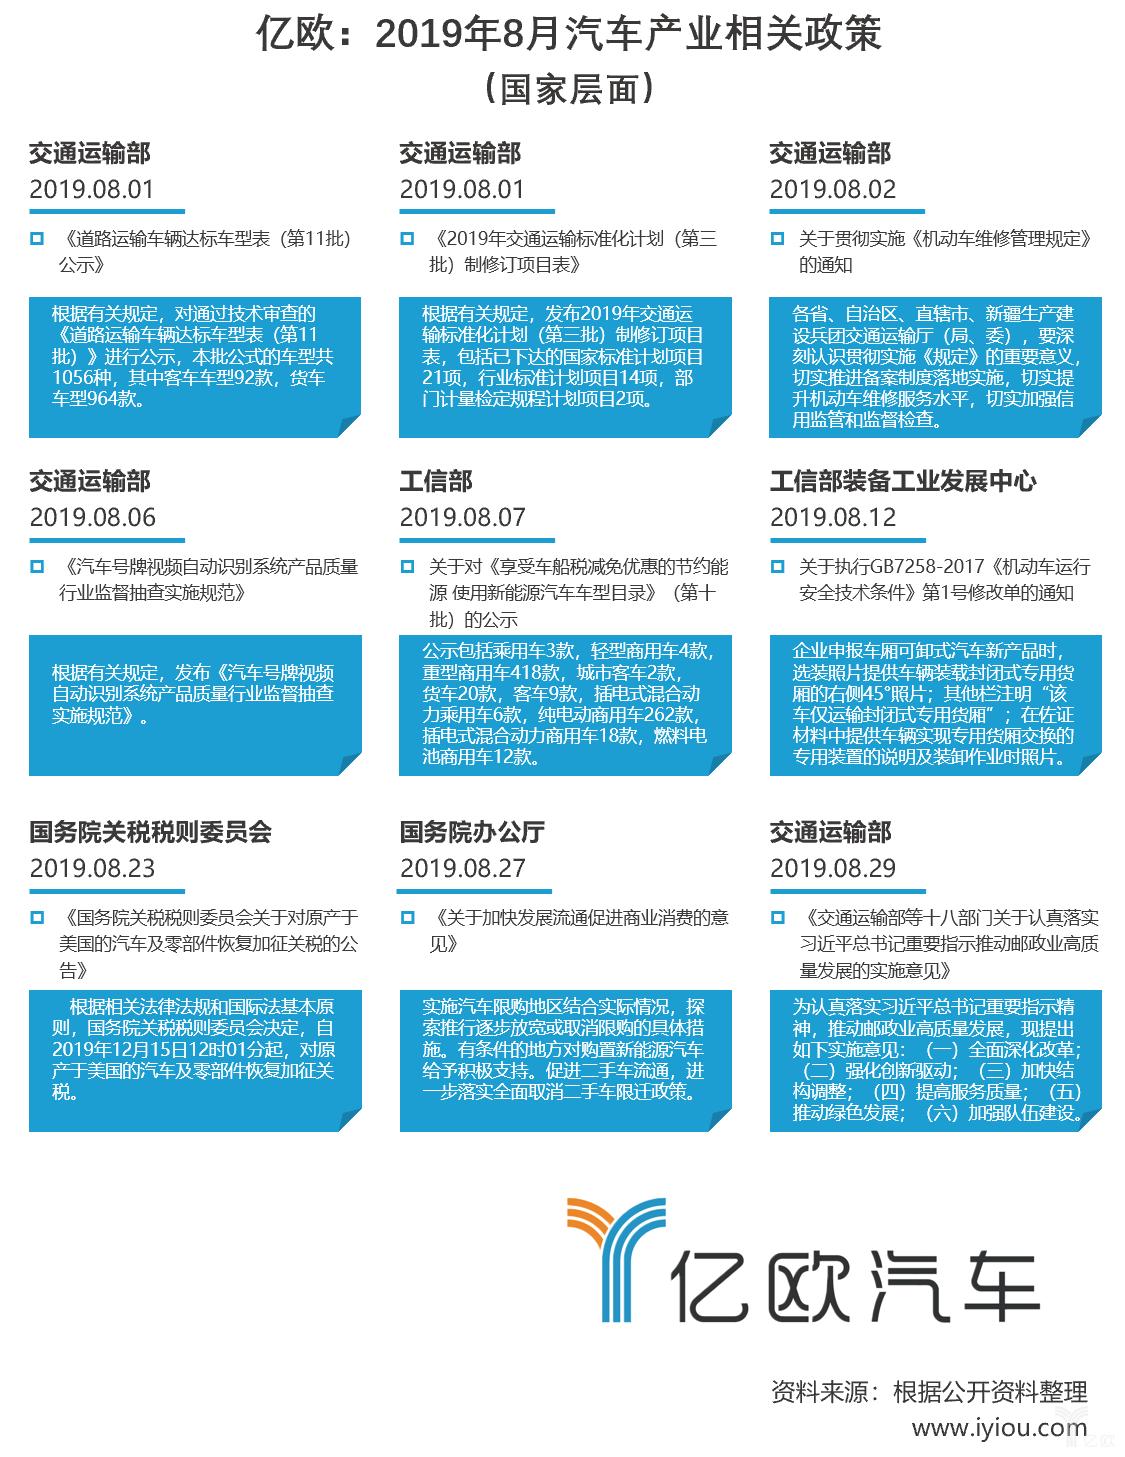 2019年8月汽车产业相关政策(国家层面).png